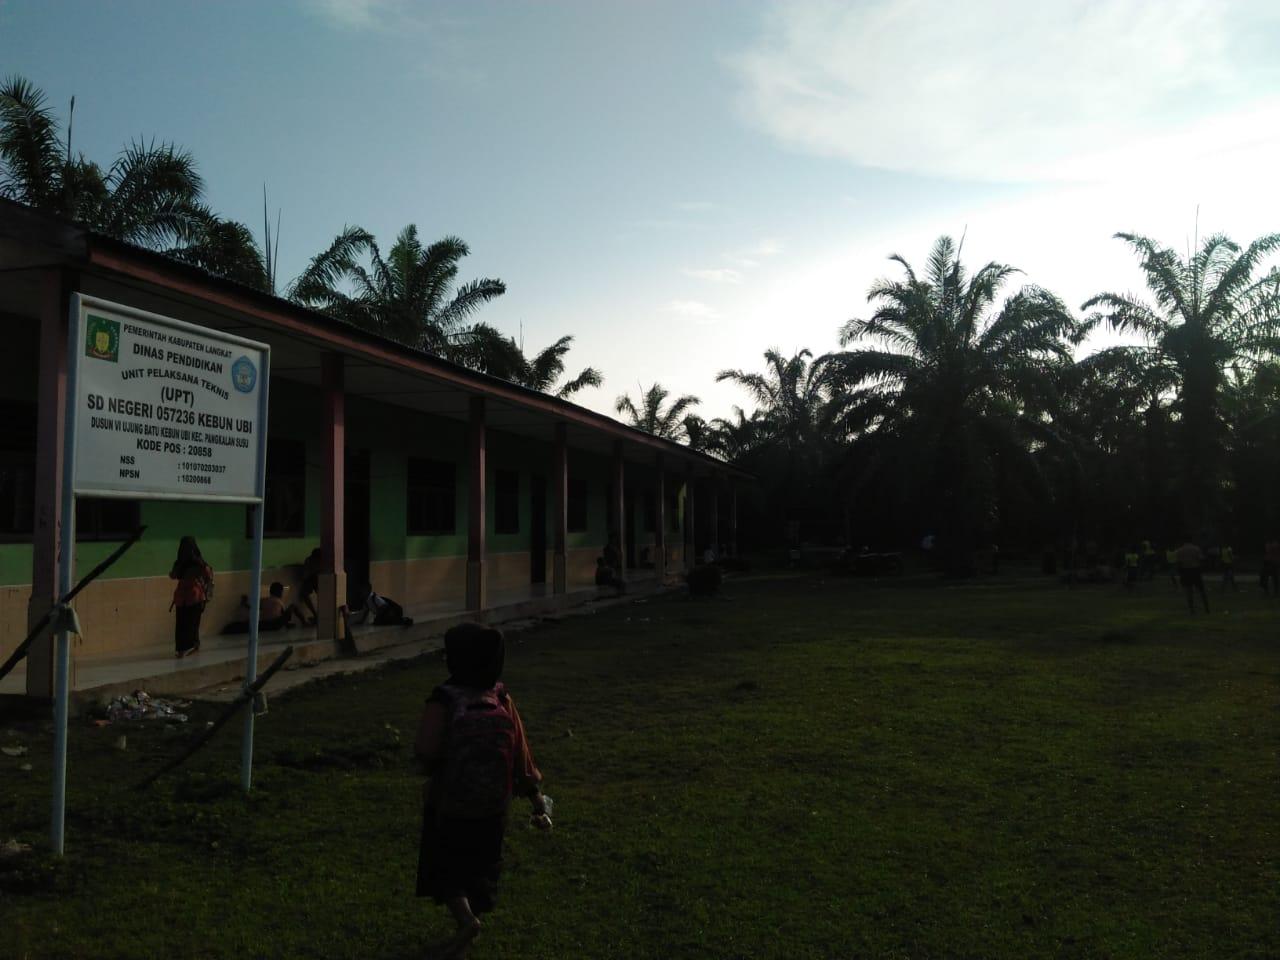 SD Negeri 057236 Kebun Ubi, Masyarakat Inisiatif Gaji Guru Honor